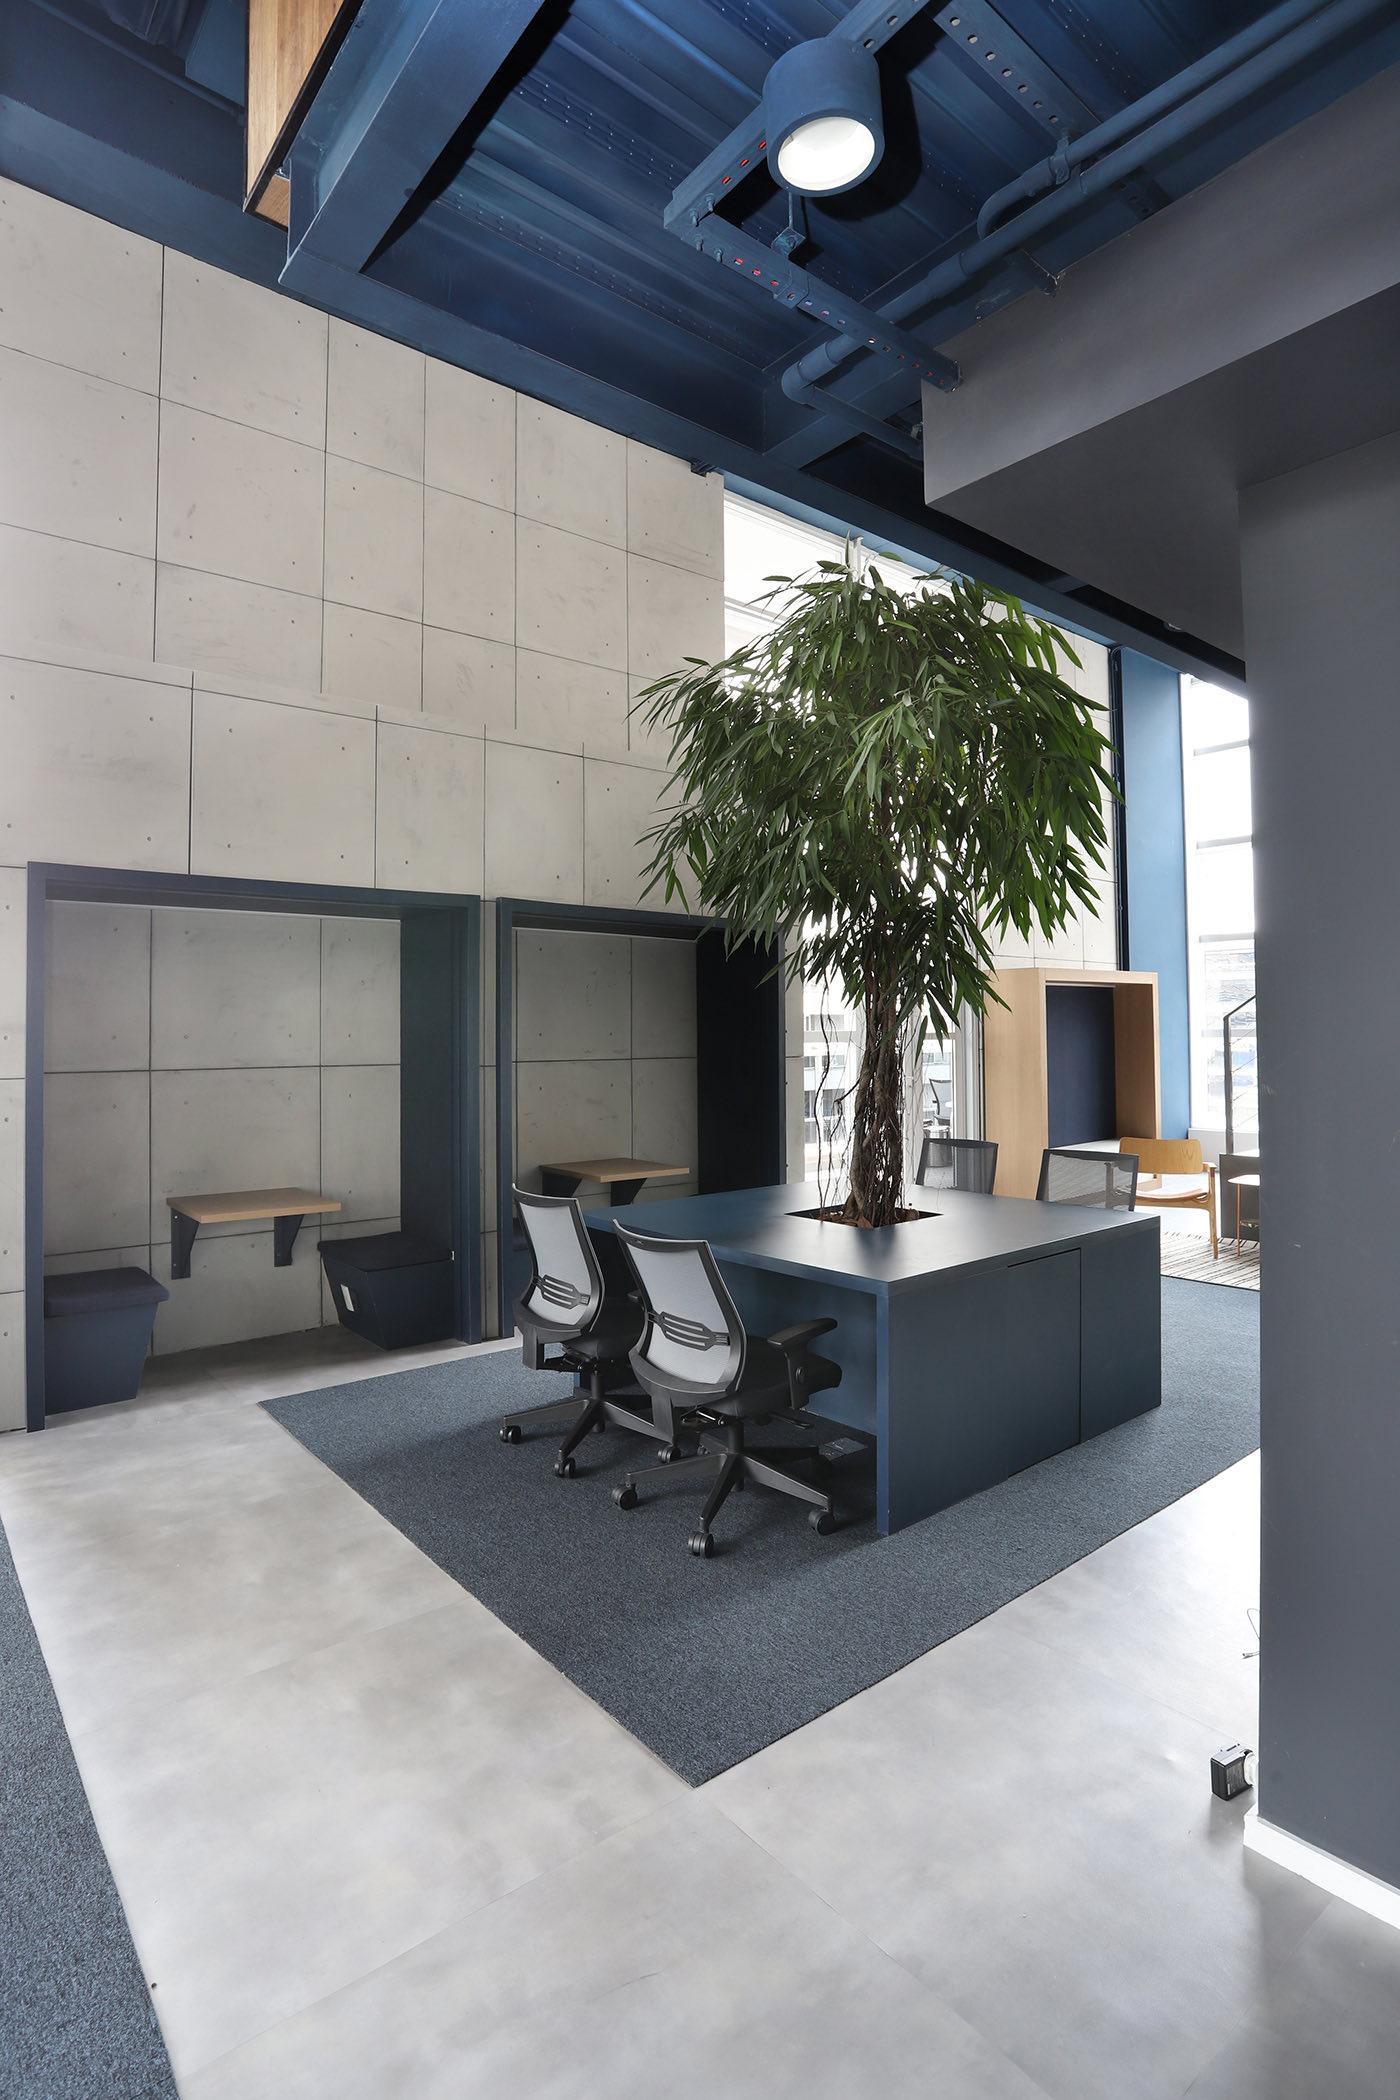 lufthansa-office-brazil-9